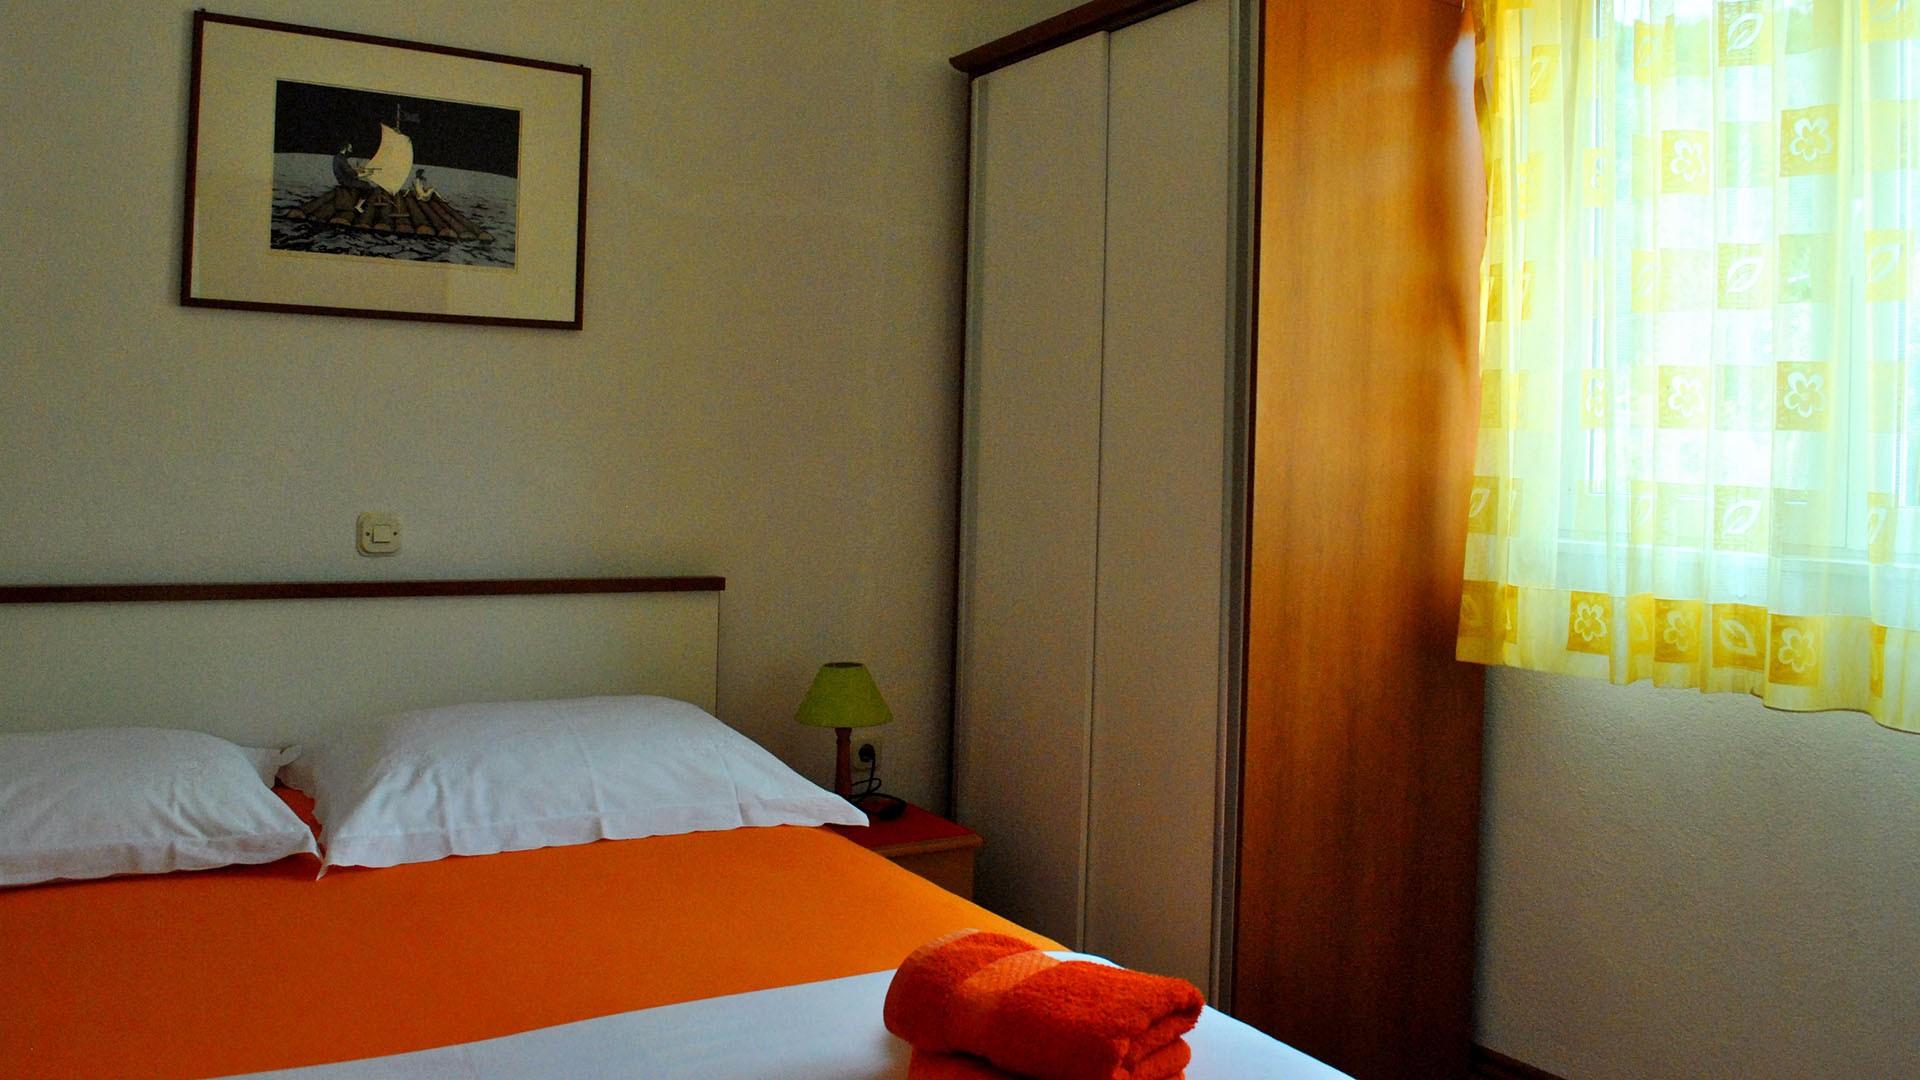 ApartmentA6 bedroom2